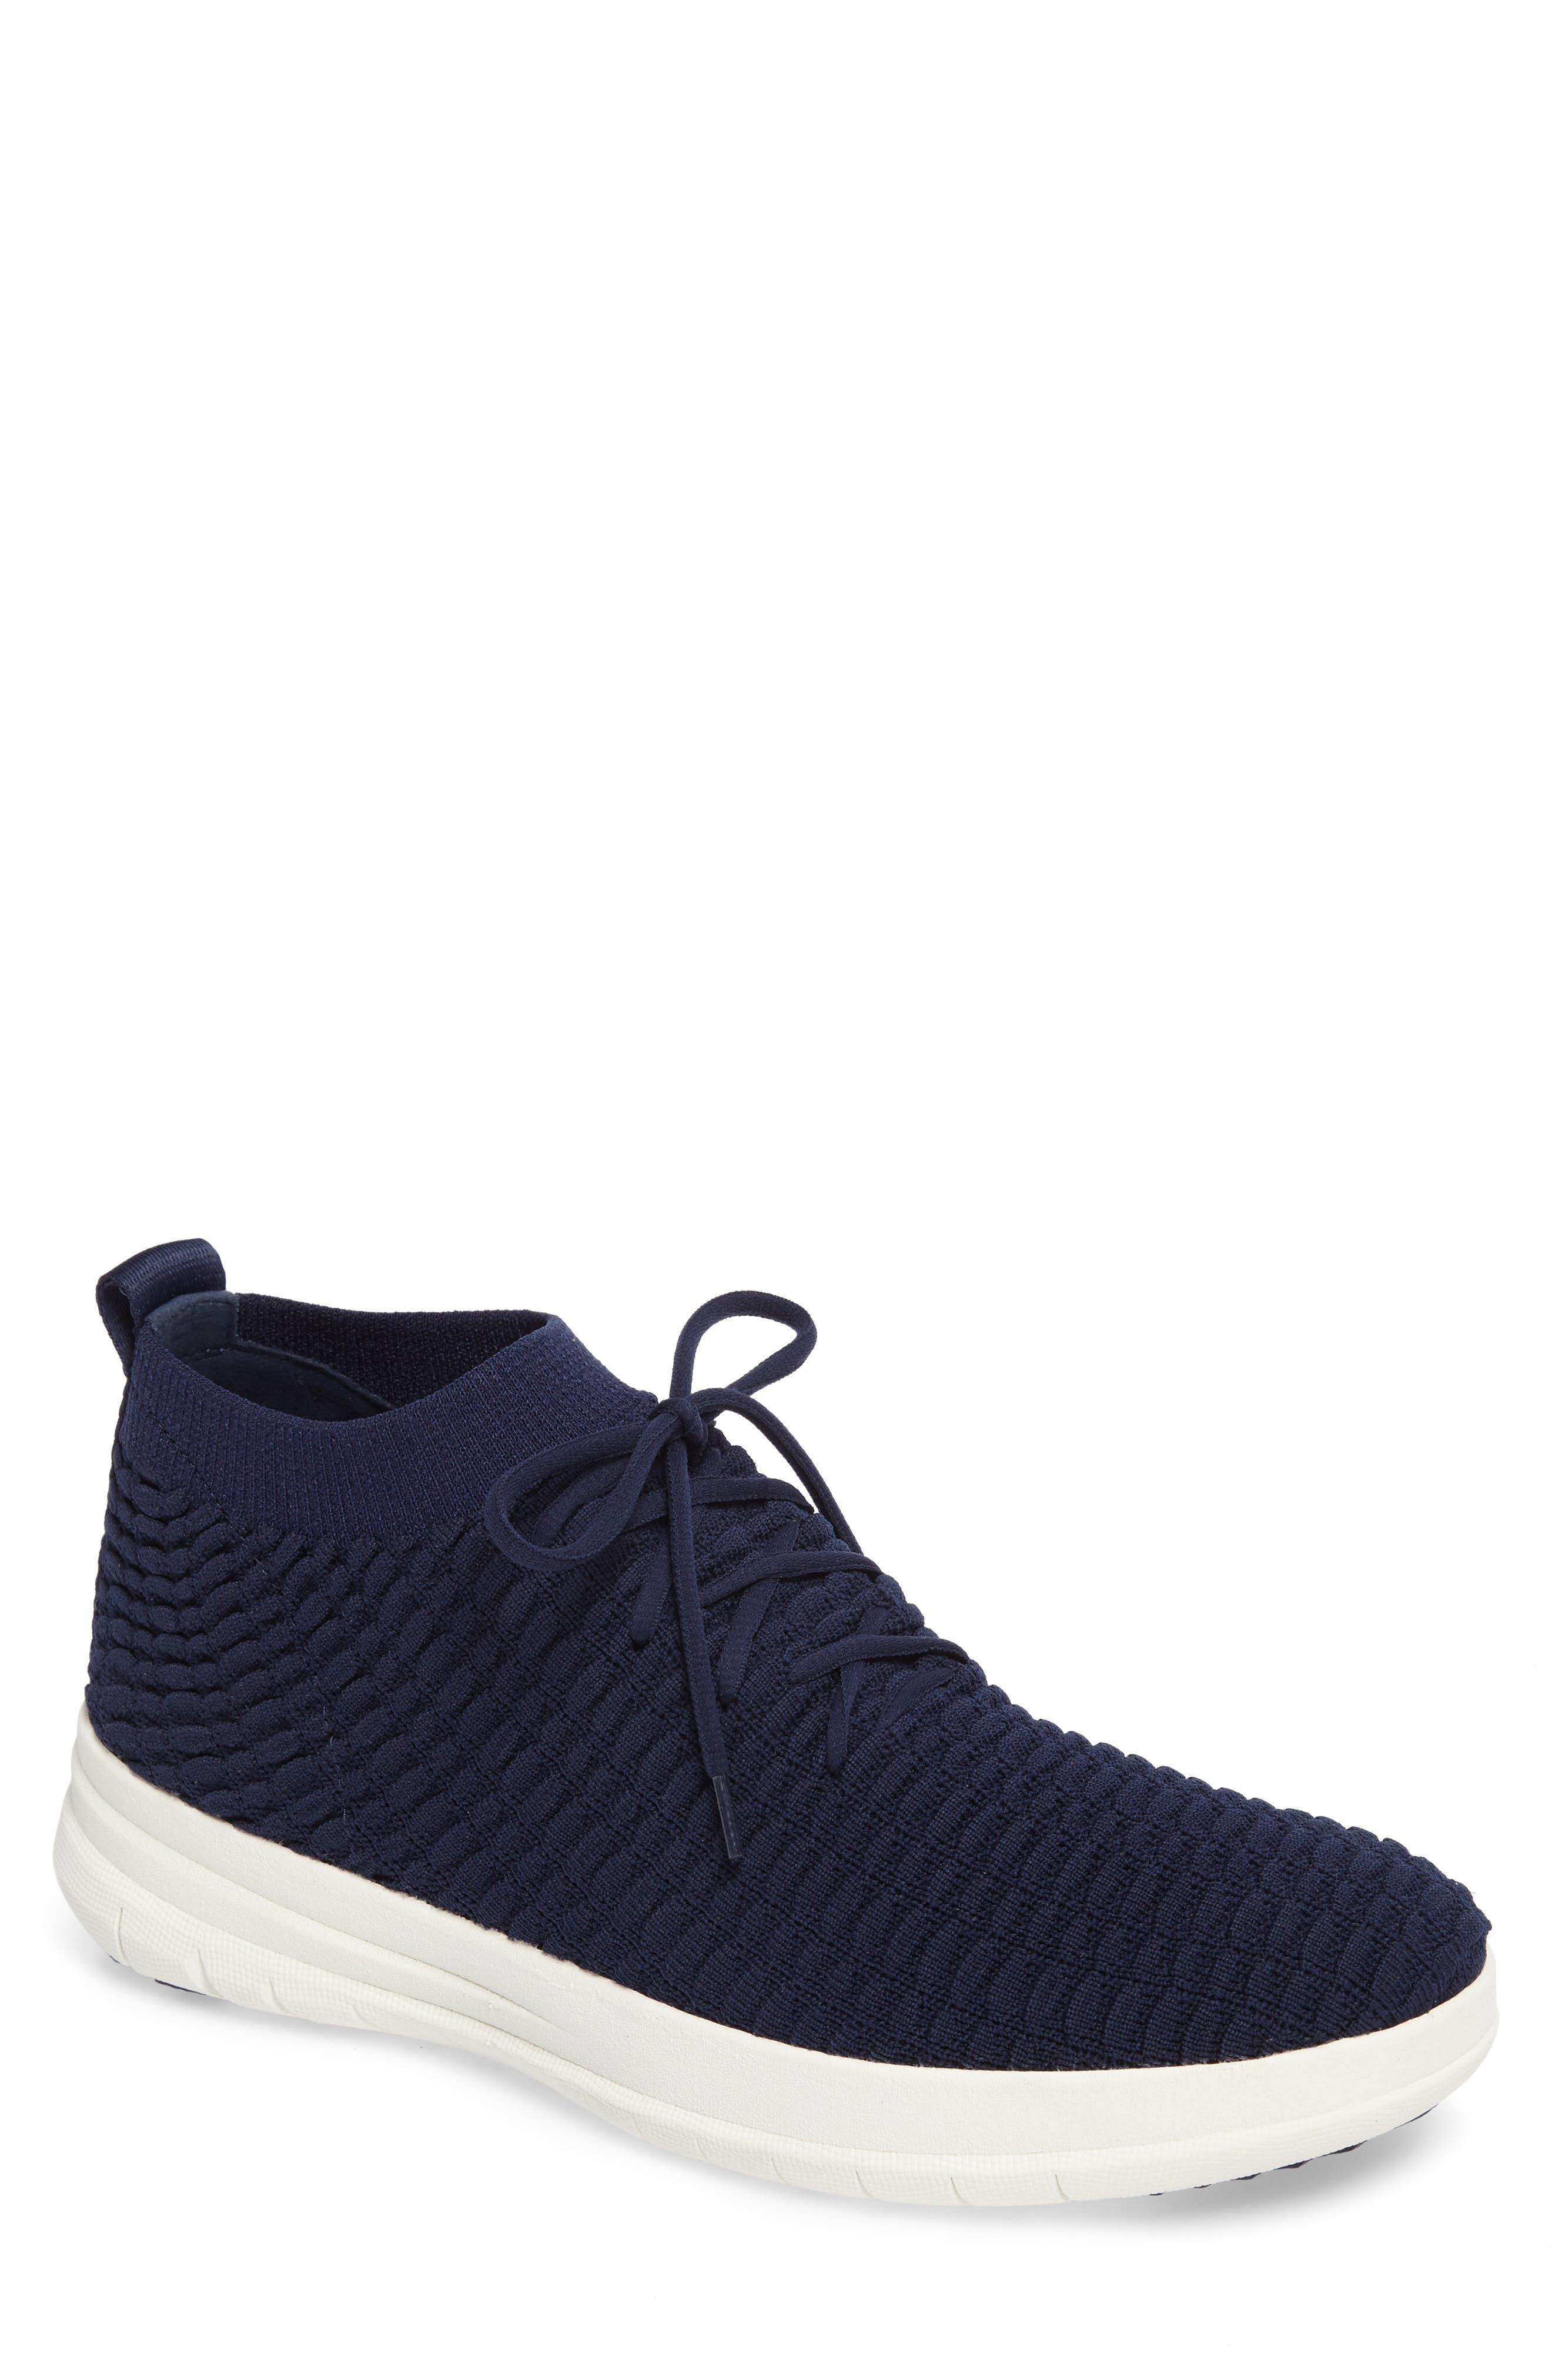 Uberknit Sneaker,                         Main,                         color, DARK SAPPHIRE TEXTILE